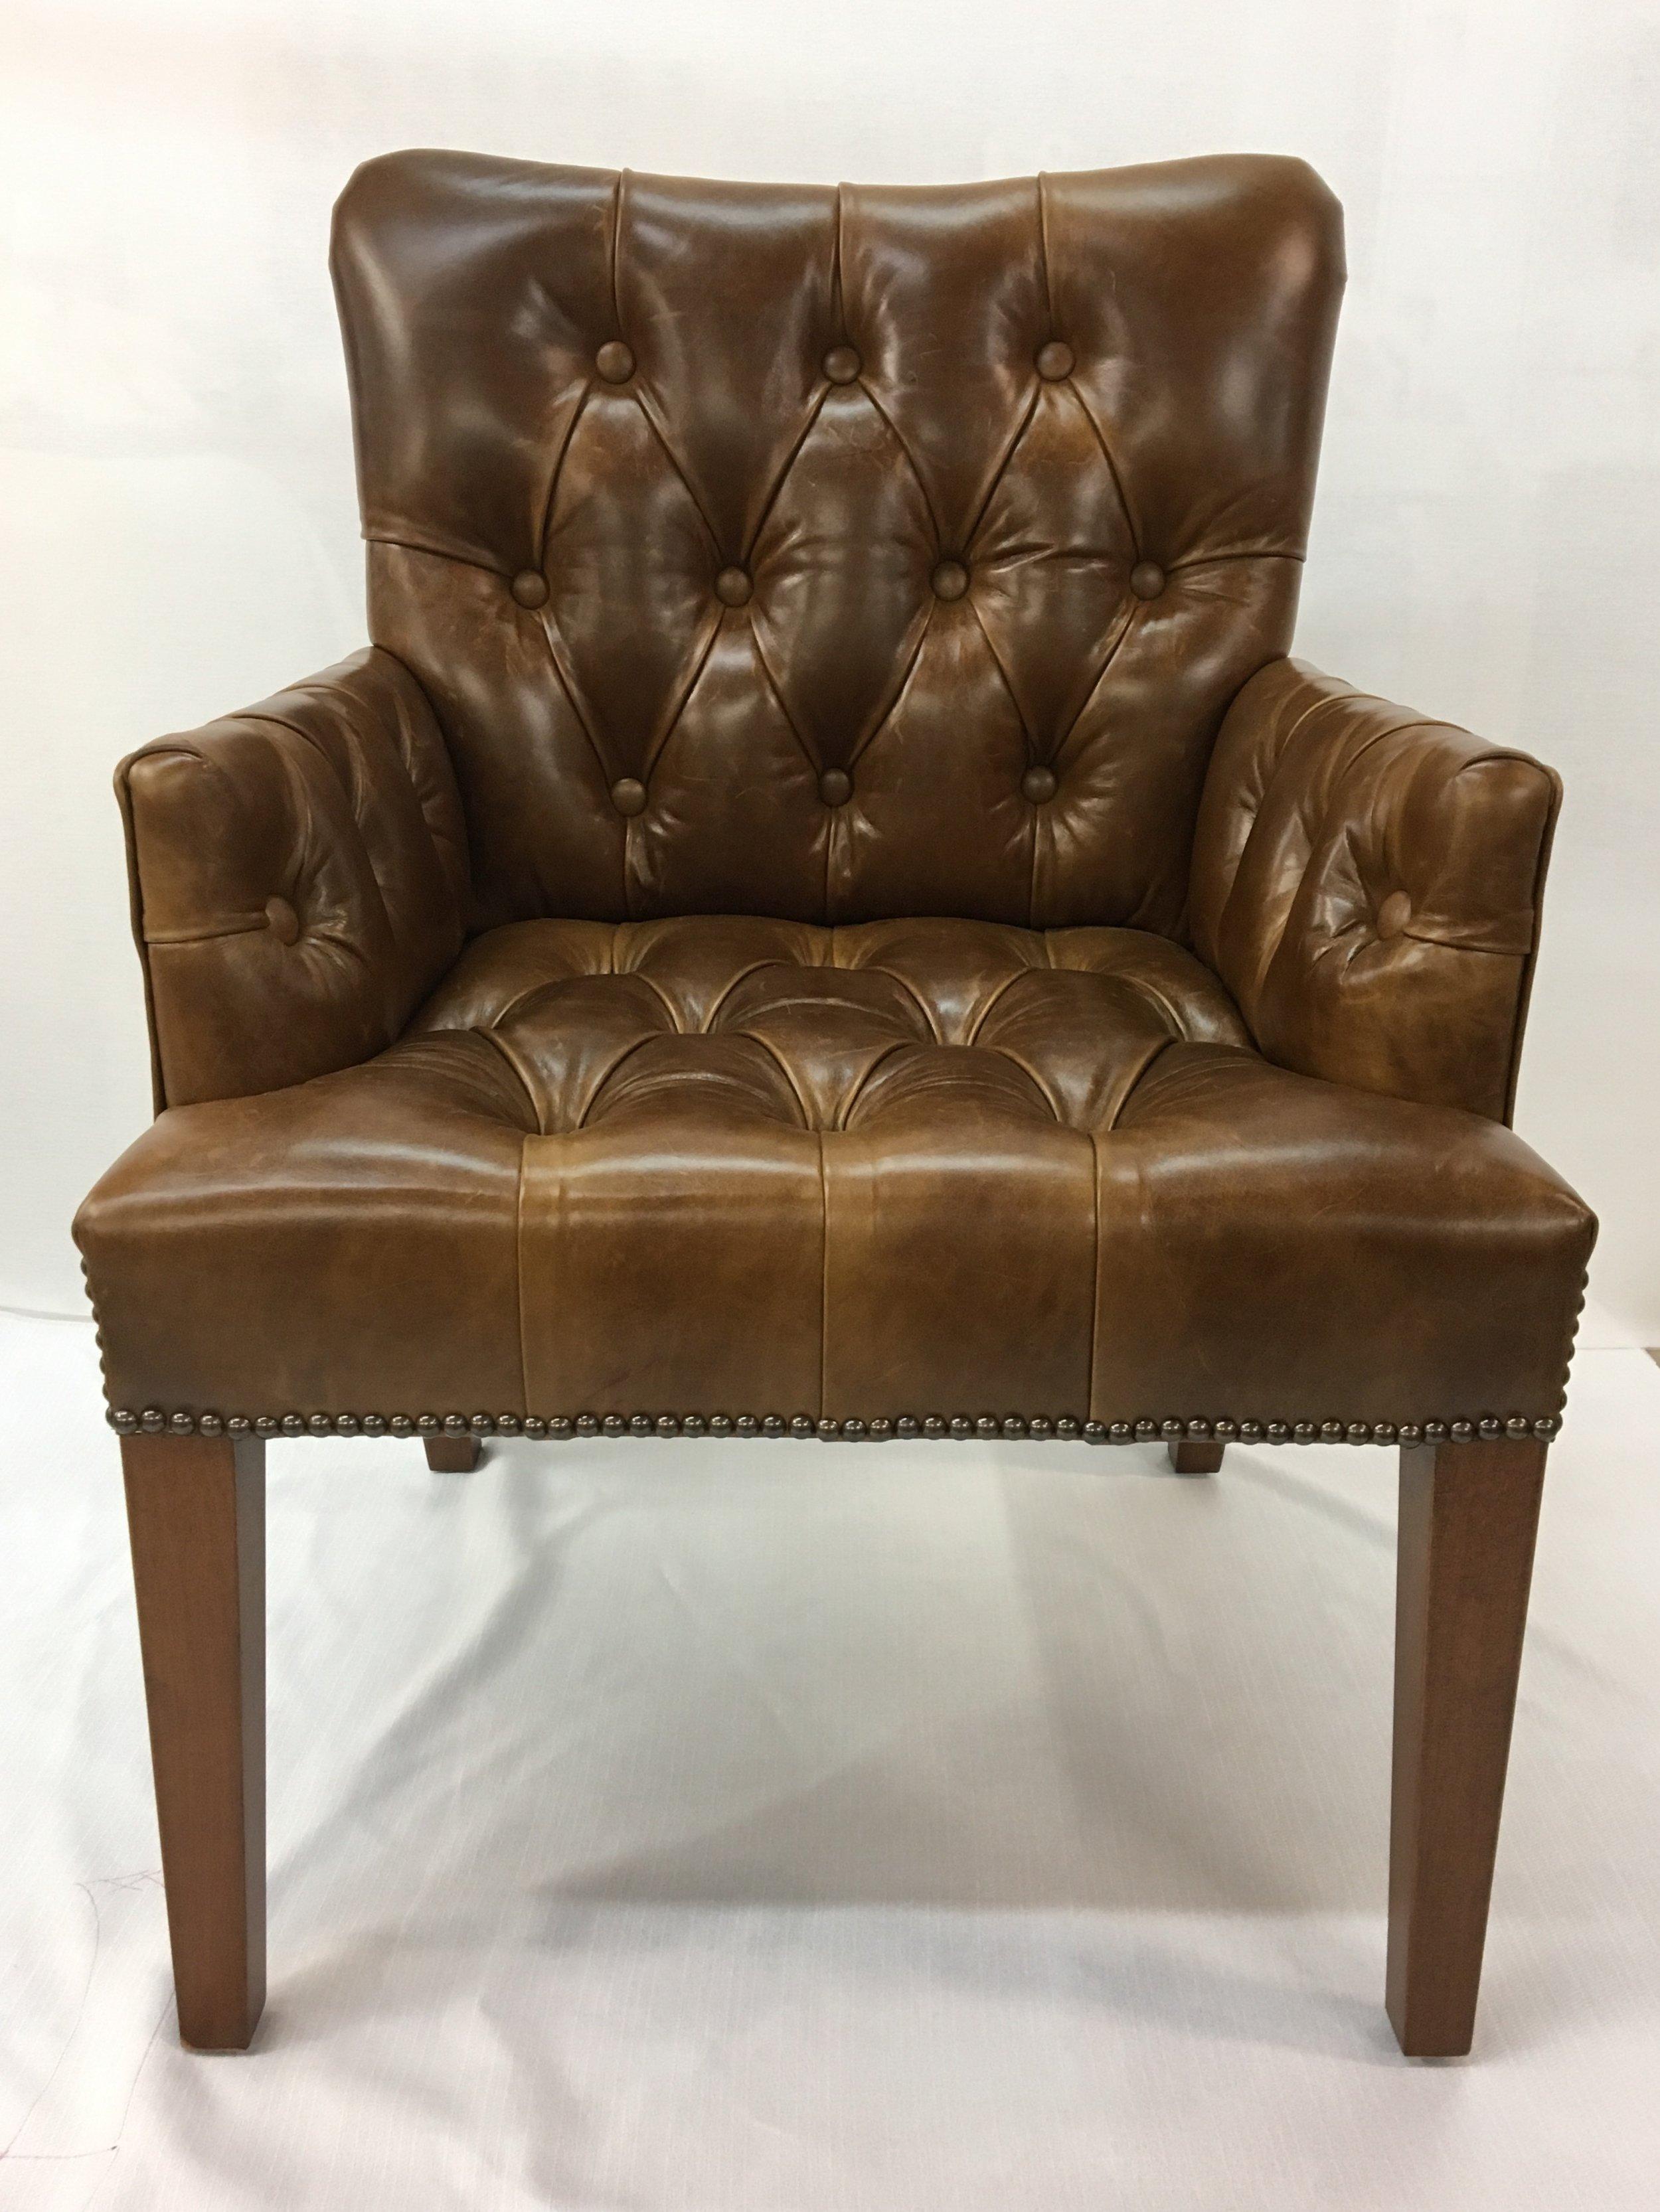 Rosewood Rum Bar, Baha Mar - Tufted Chair.jpg